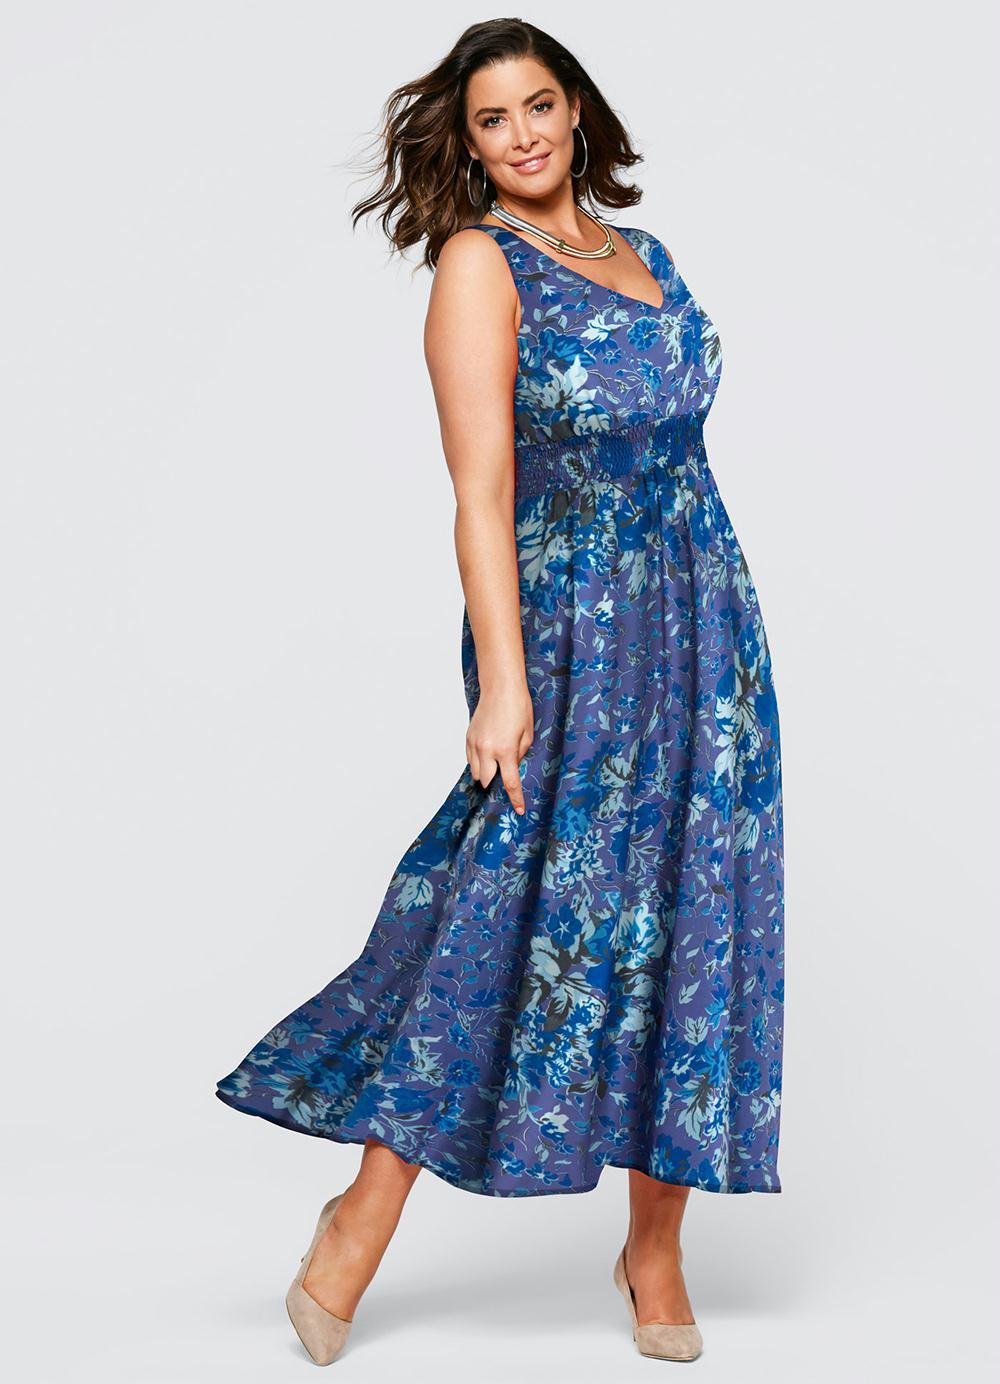 6282c2a00 Vestido Longo Estampado Azul - bonprix